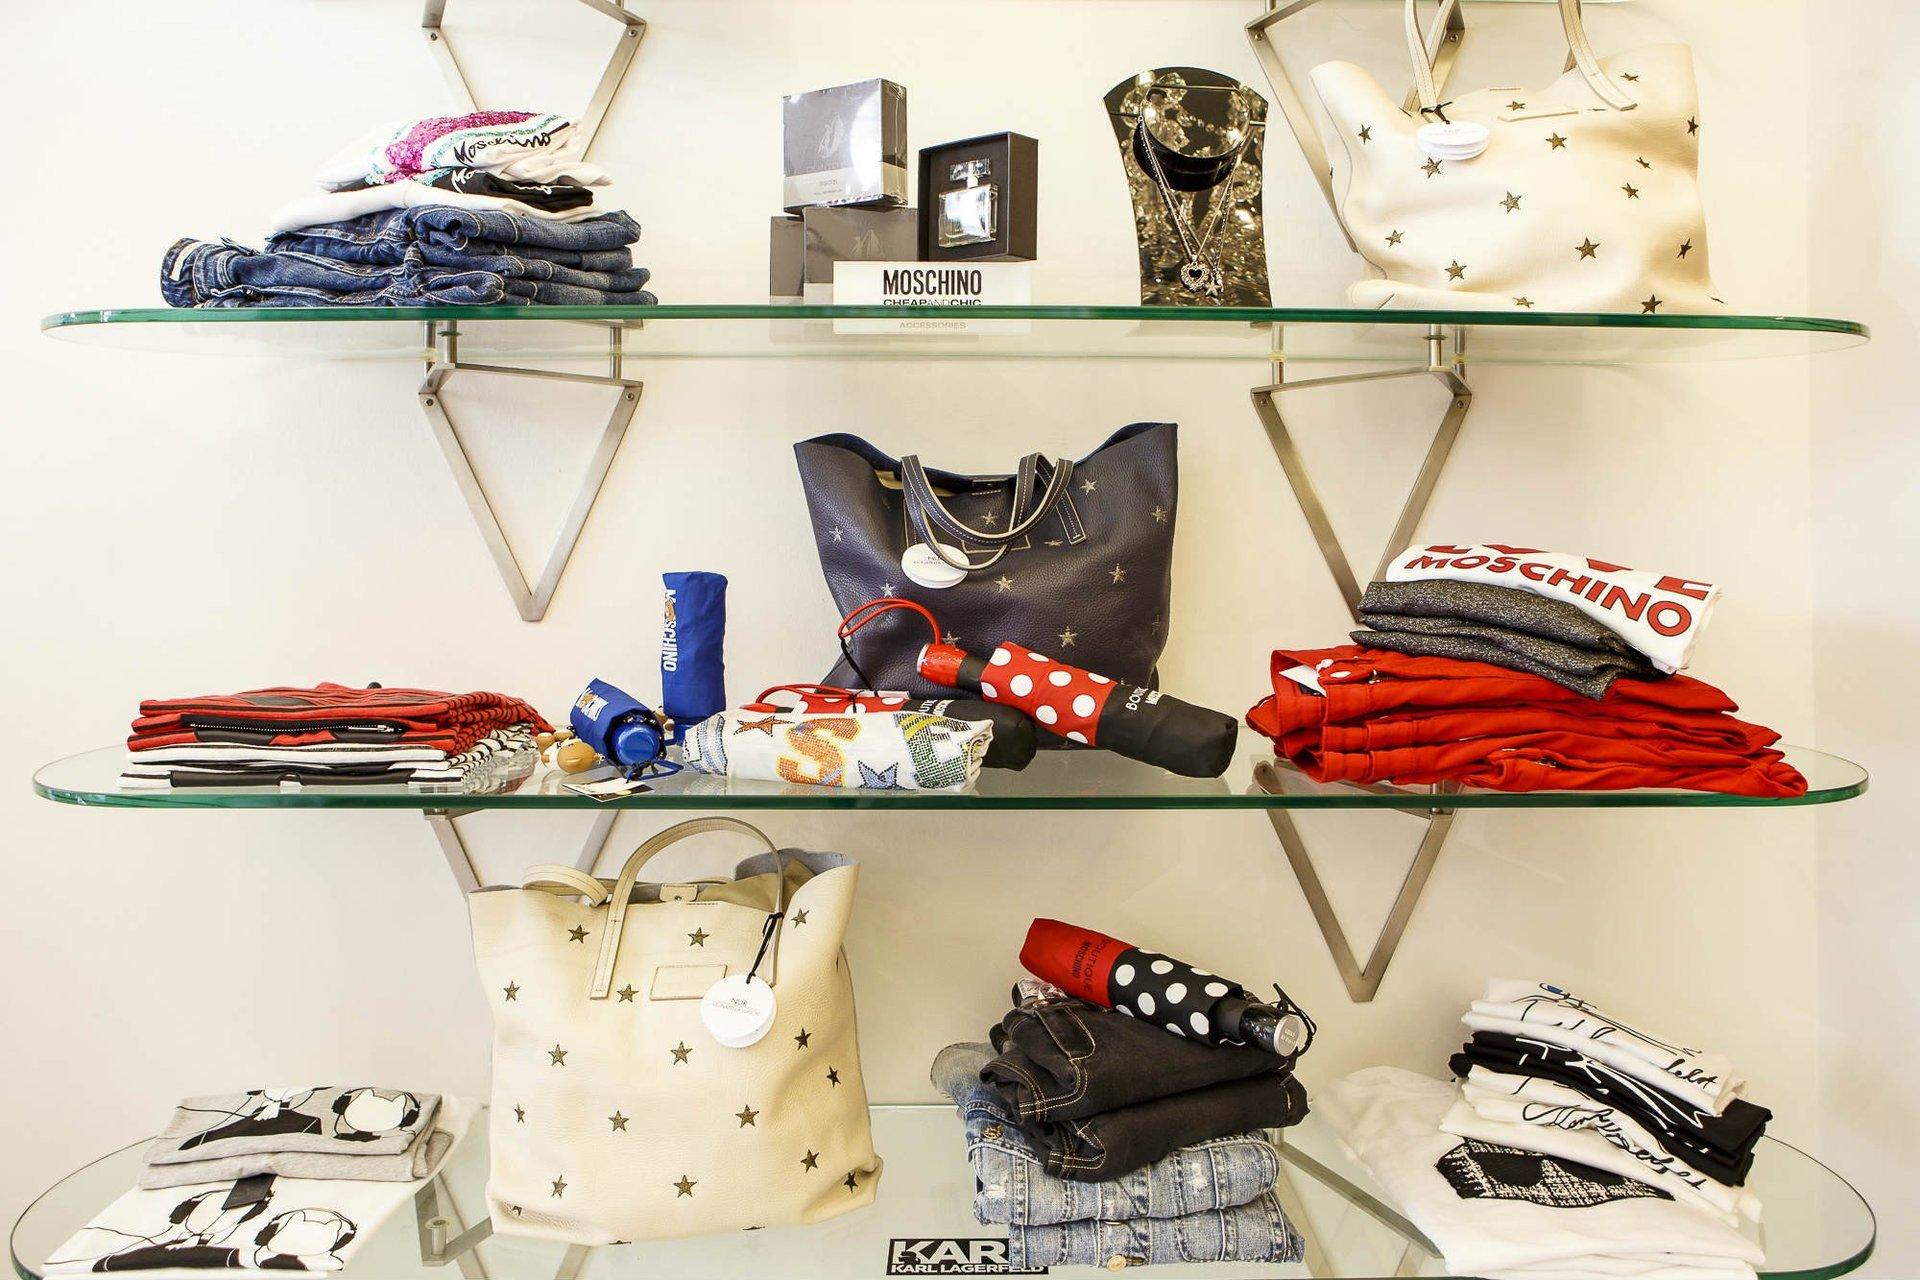 delle mensole di vetro con le borse , delle magliette e altro della marca Moschino